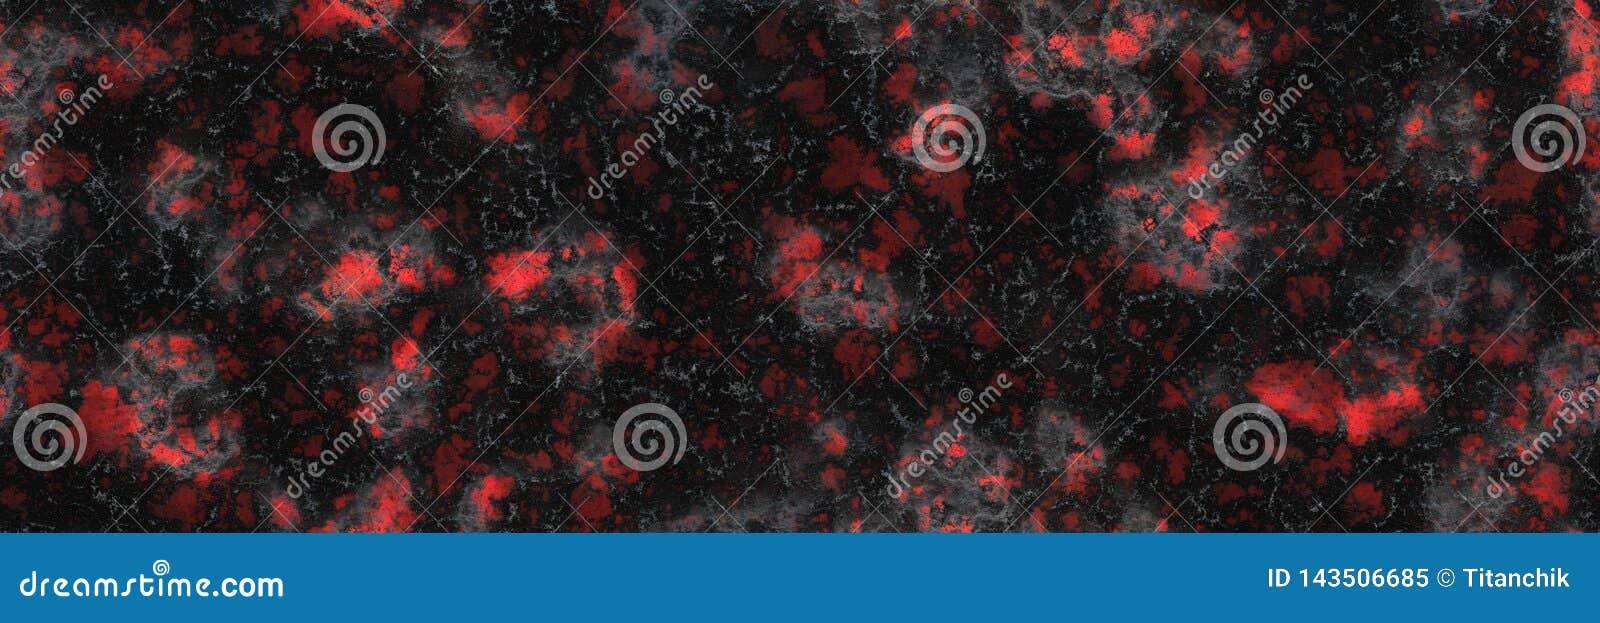 Gebrannte glühende Oberfläche der Holzkohle der Kohlen Abstraktes Natur-Muster